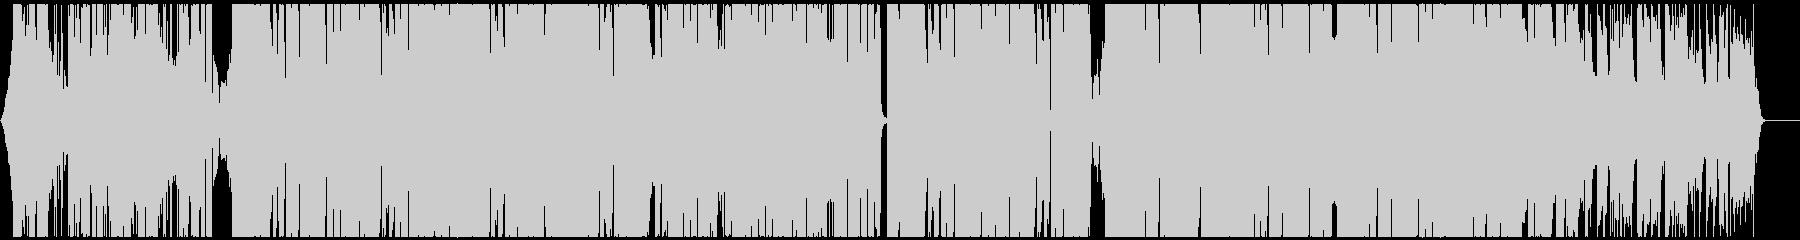 スタイリッシュで都会的なハウス CM映像の未再生の波形